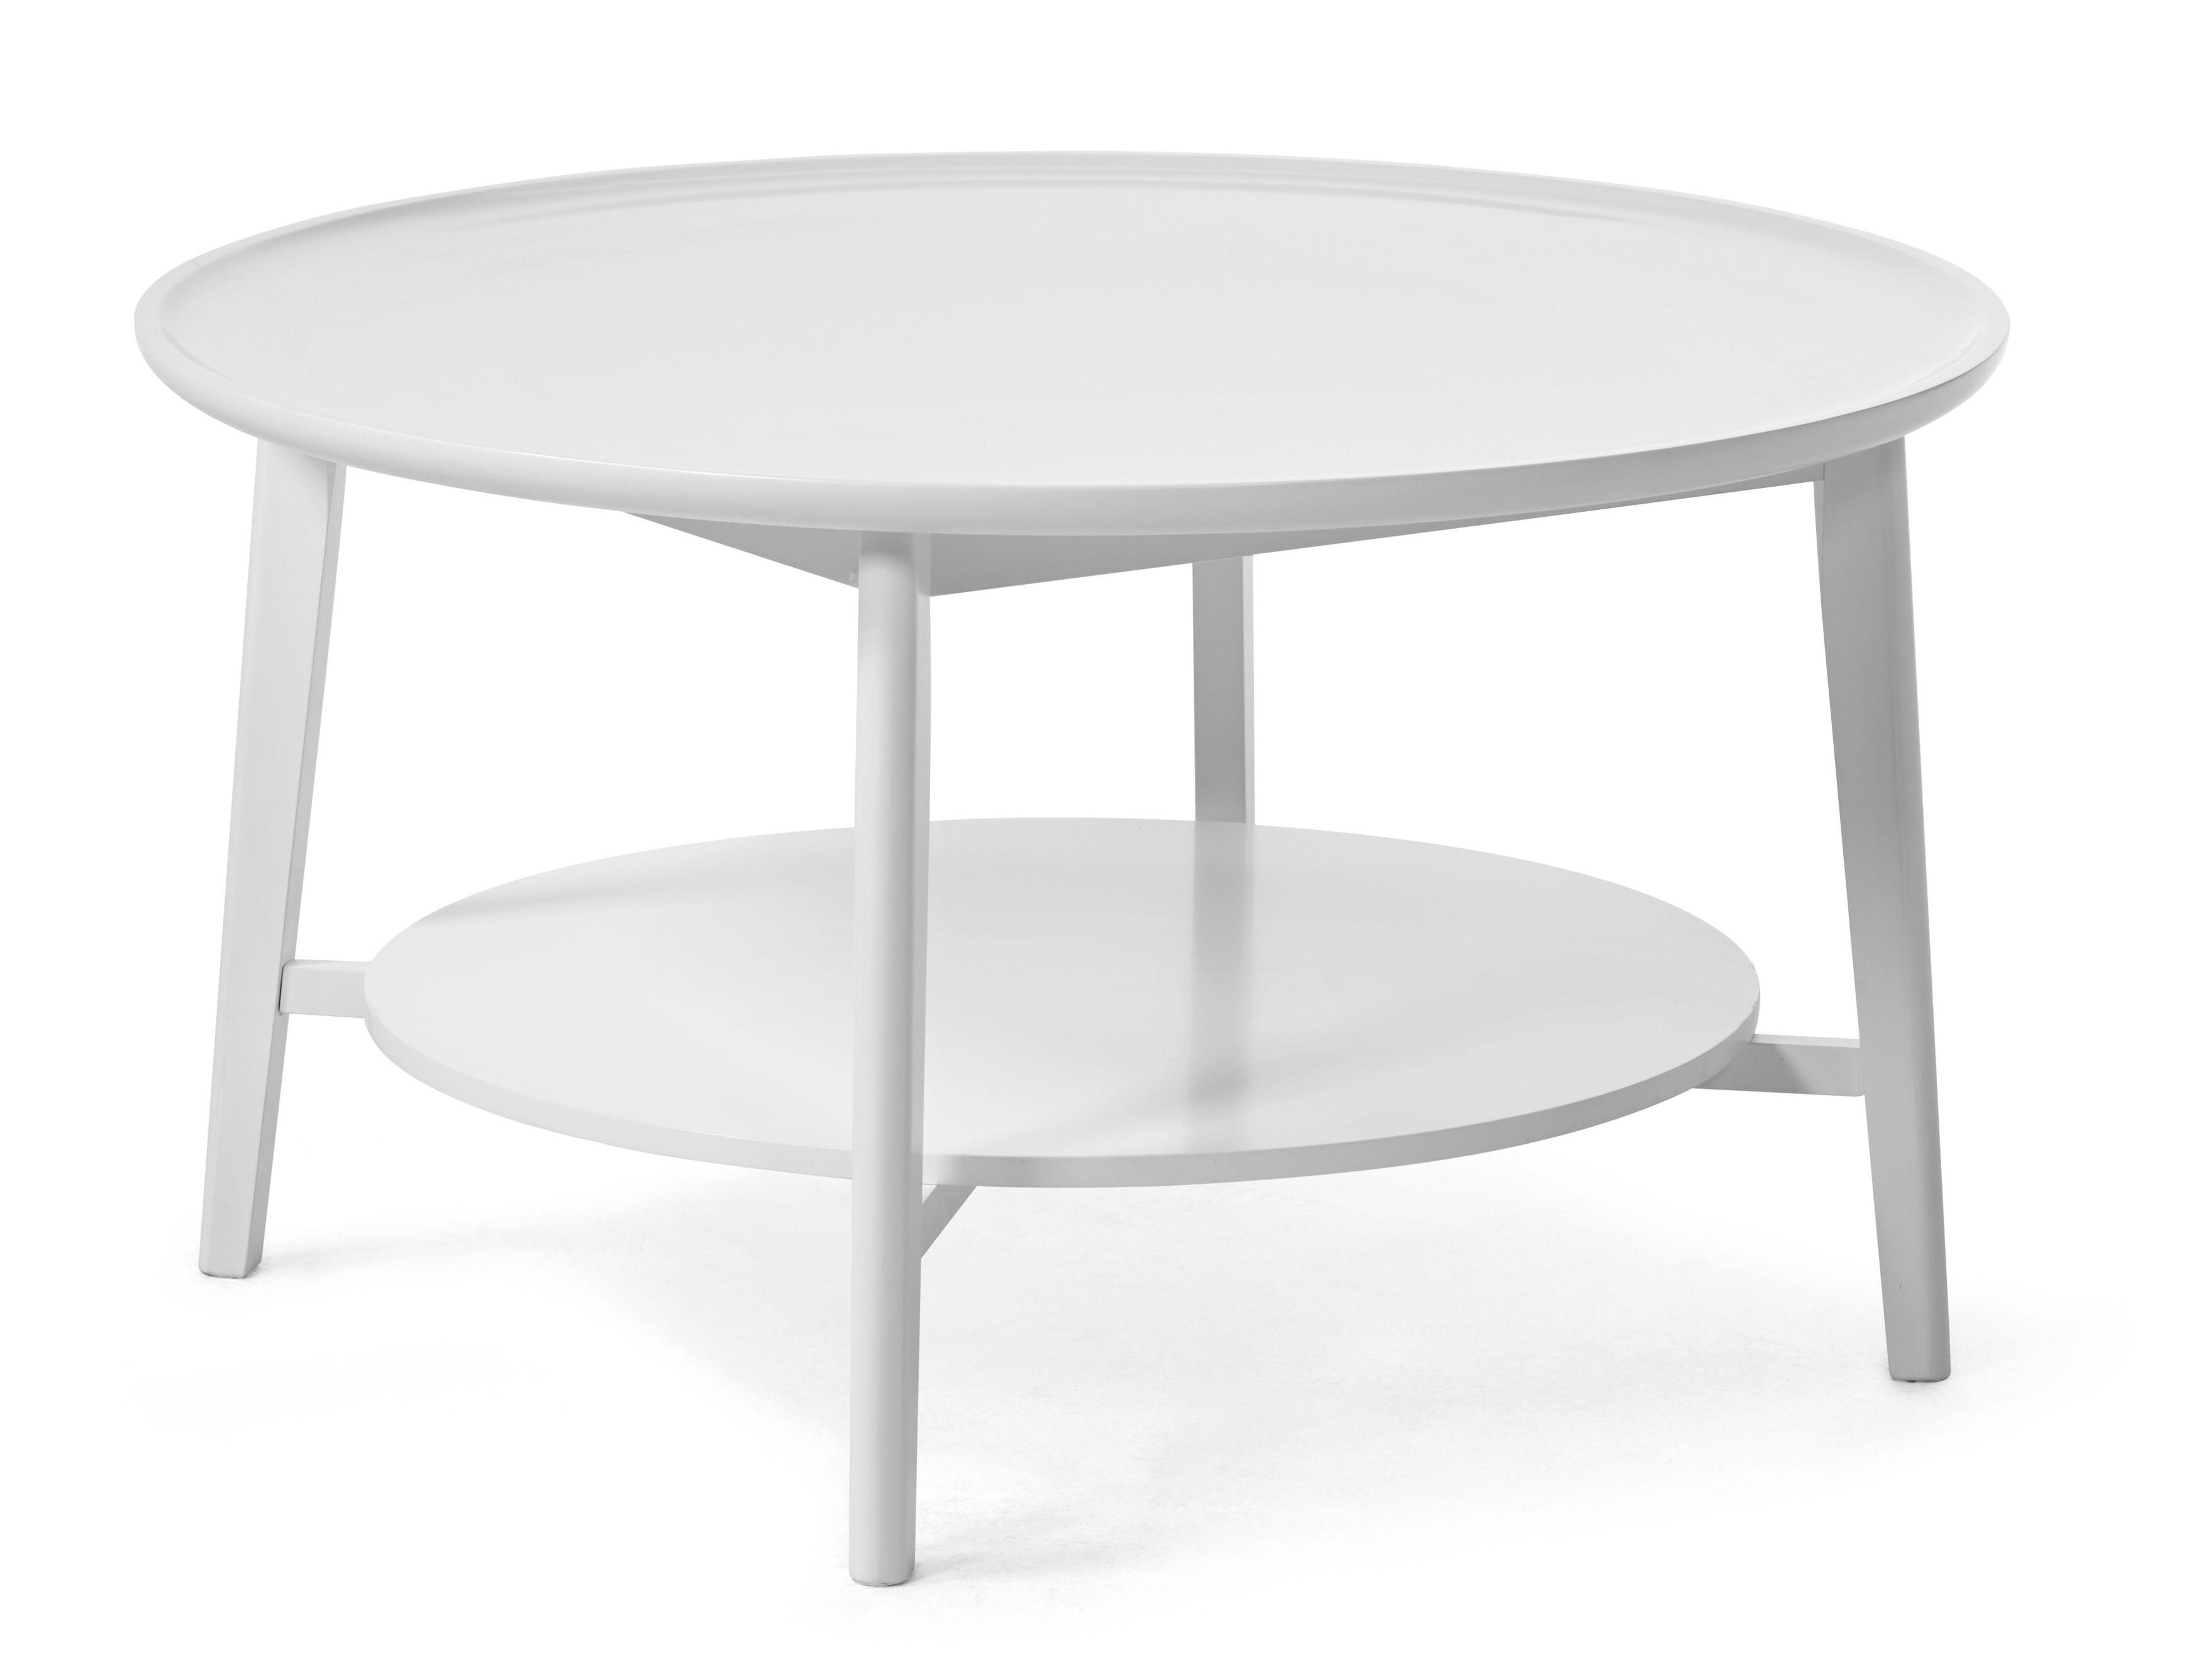 Theaär ett nätt och stilrent soffbord i skandinavisk stil Bordsskivan har en brickliknande